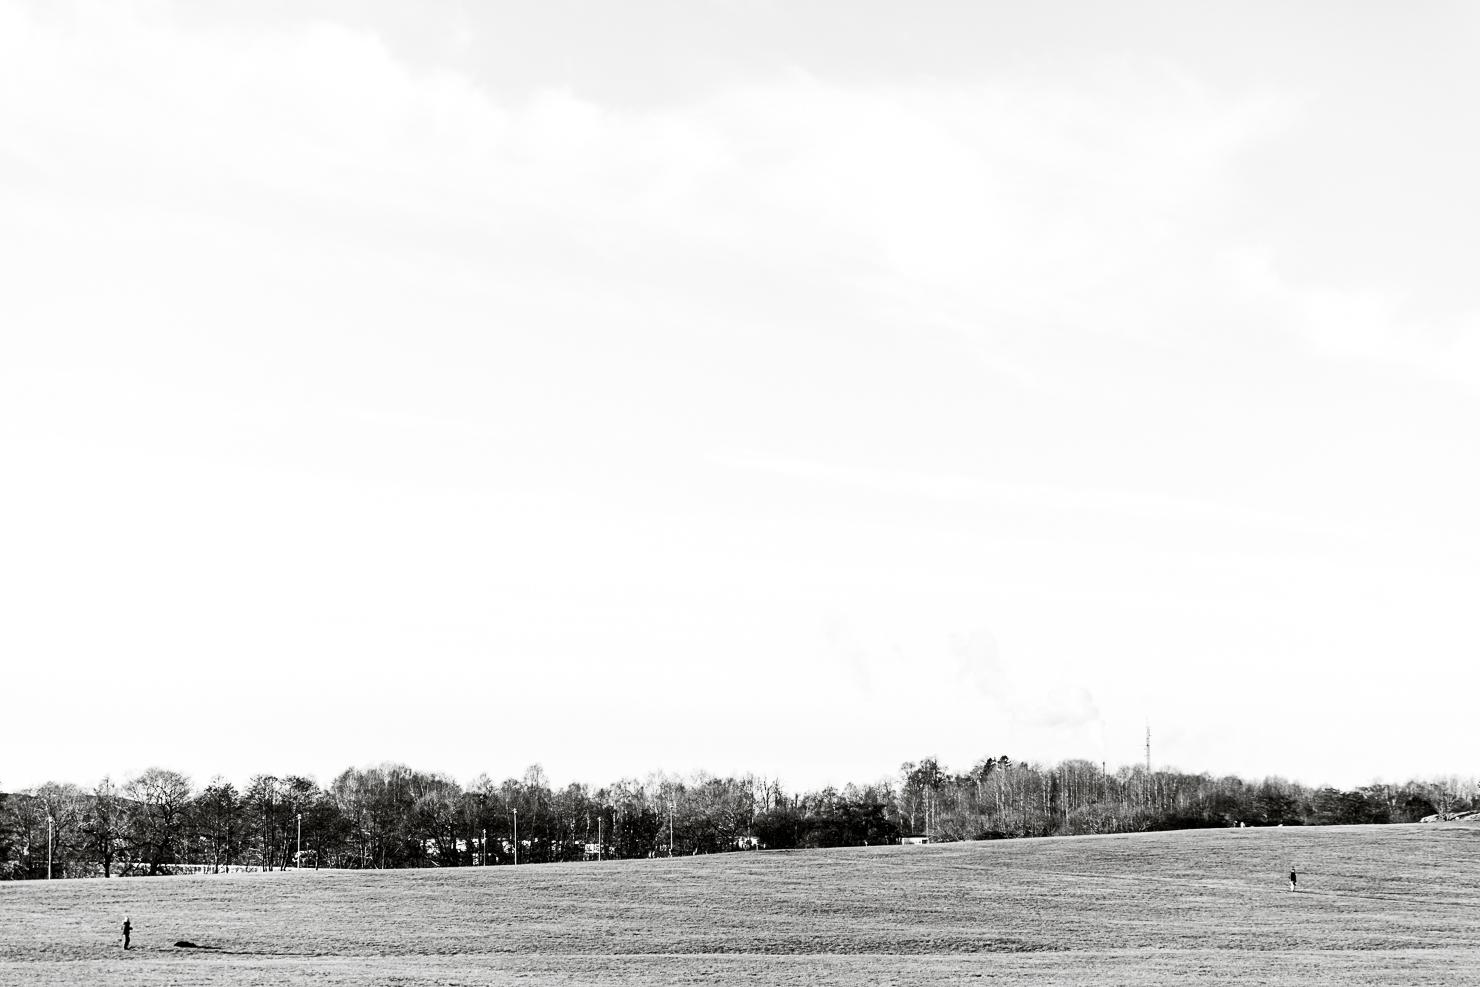 himmelstalund-sv